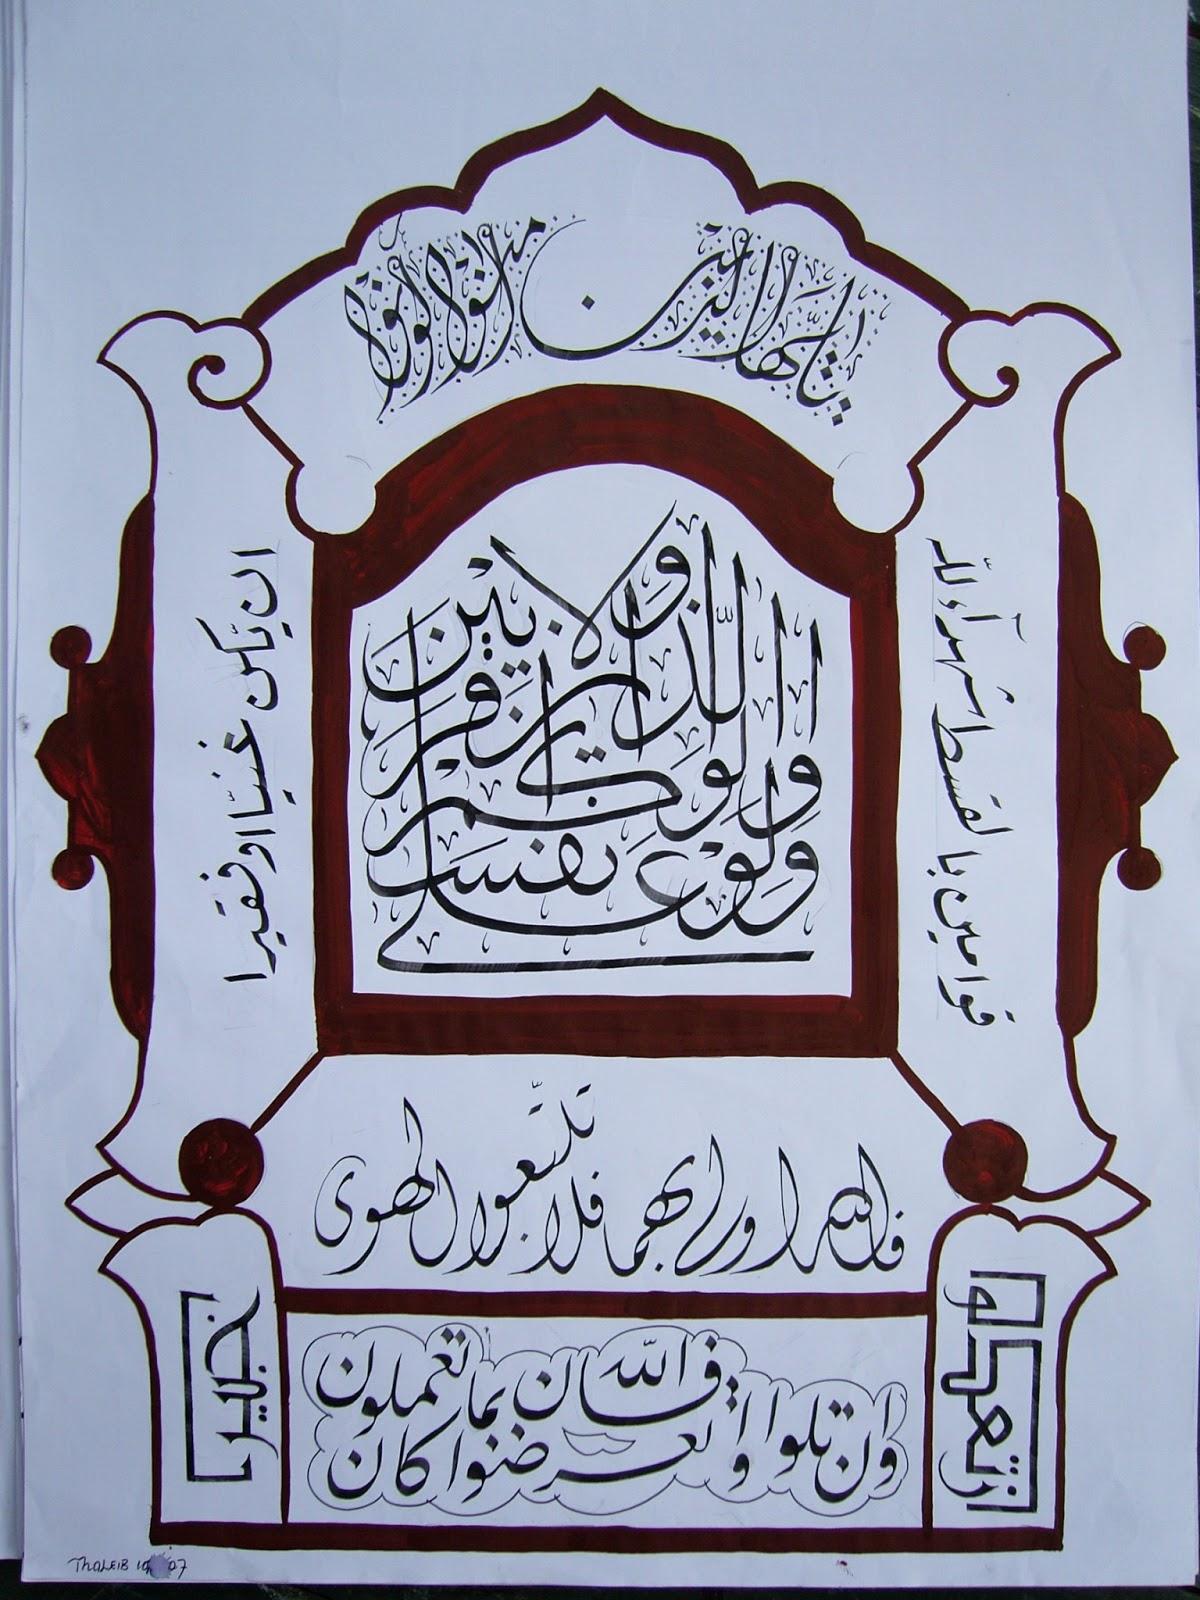 Kumpulan Khat Naskhi yang pernah juara